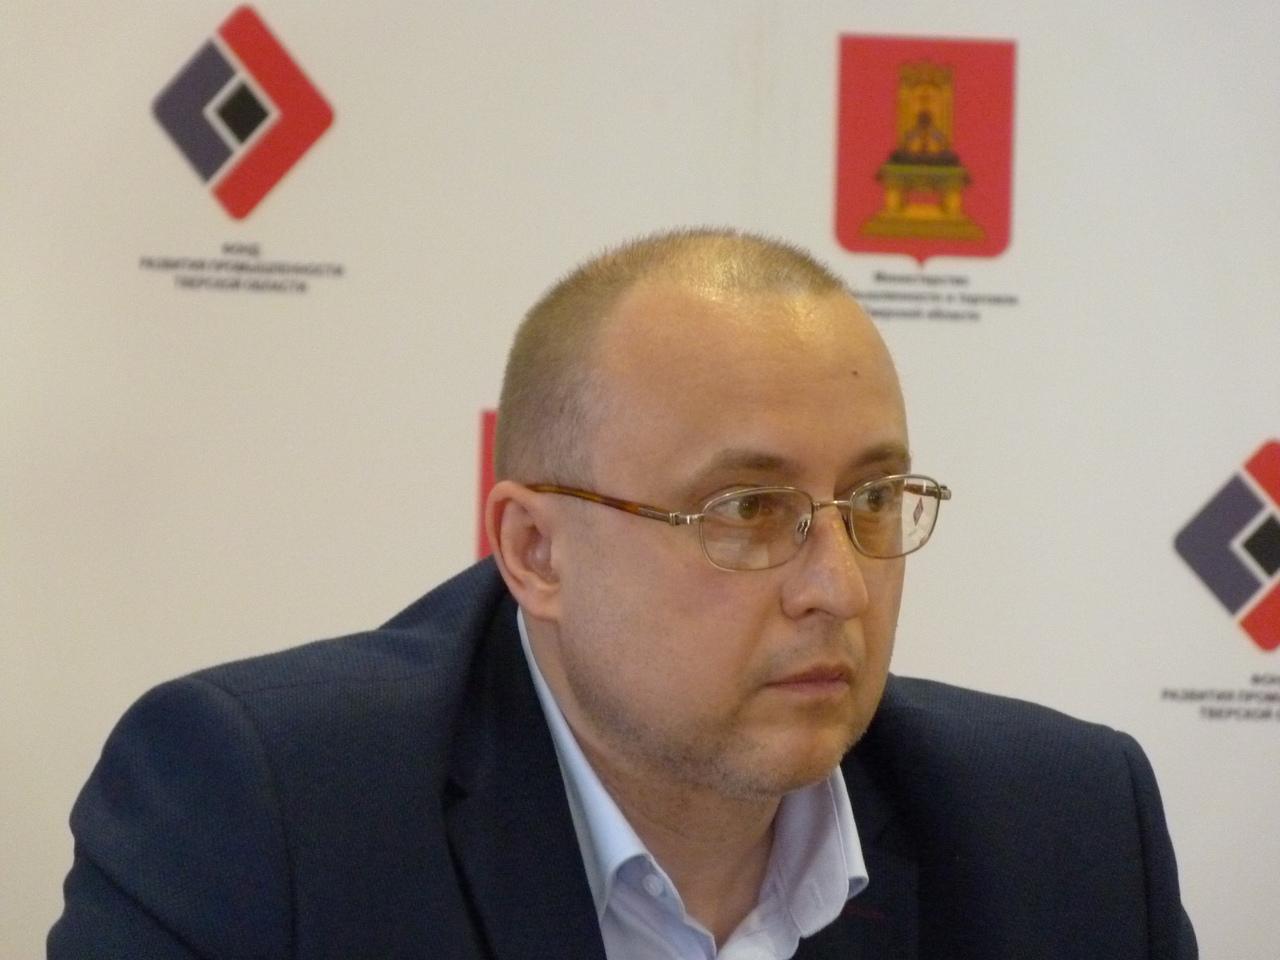 Иван Монахов: «Реализация нацпроектов требует многих усилий»